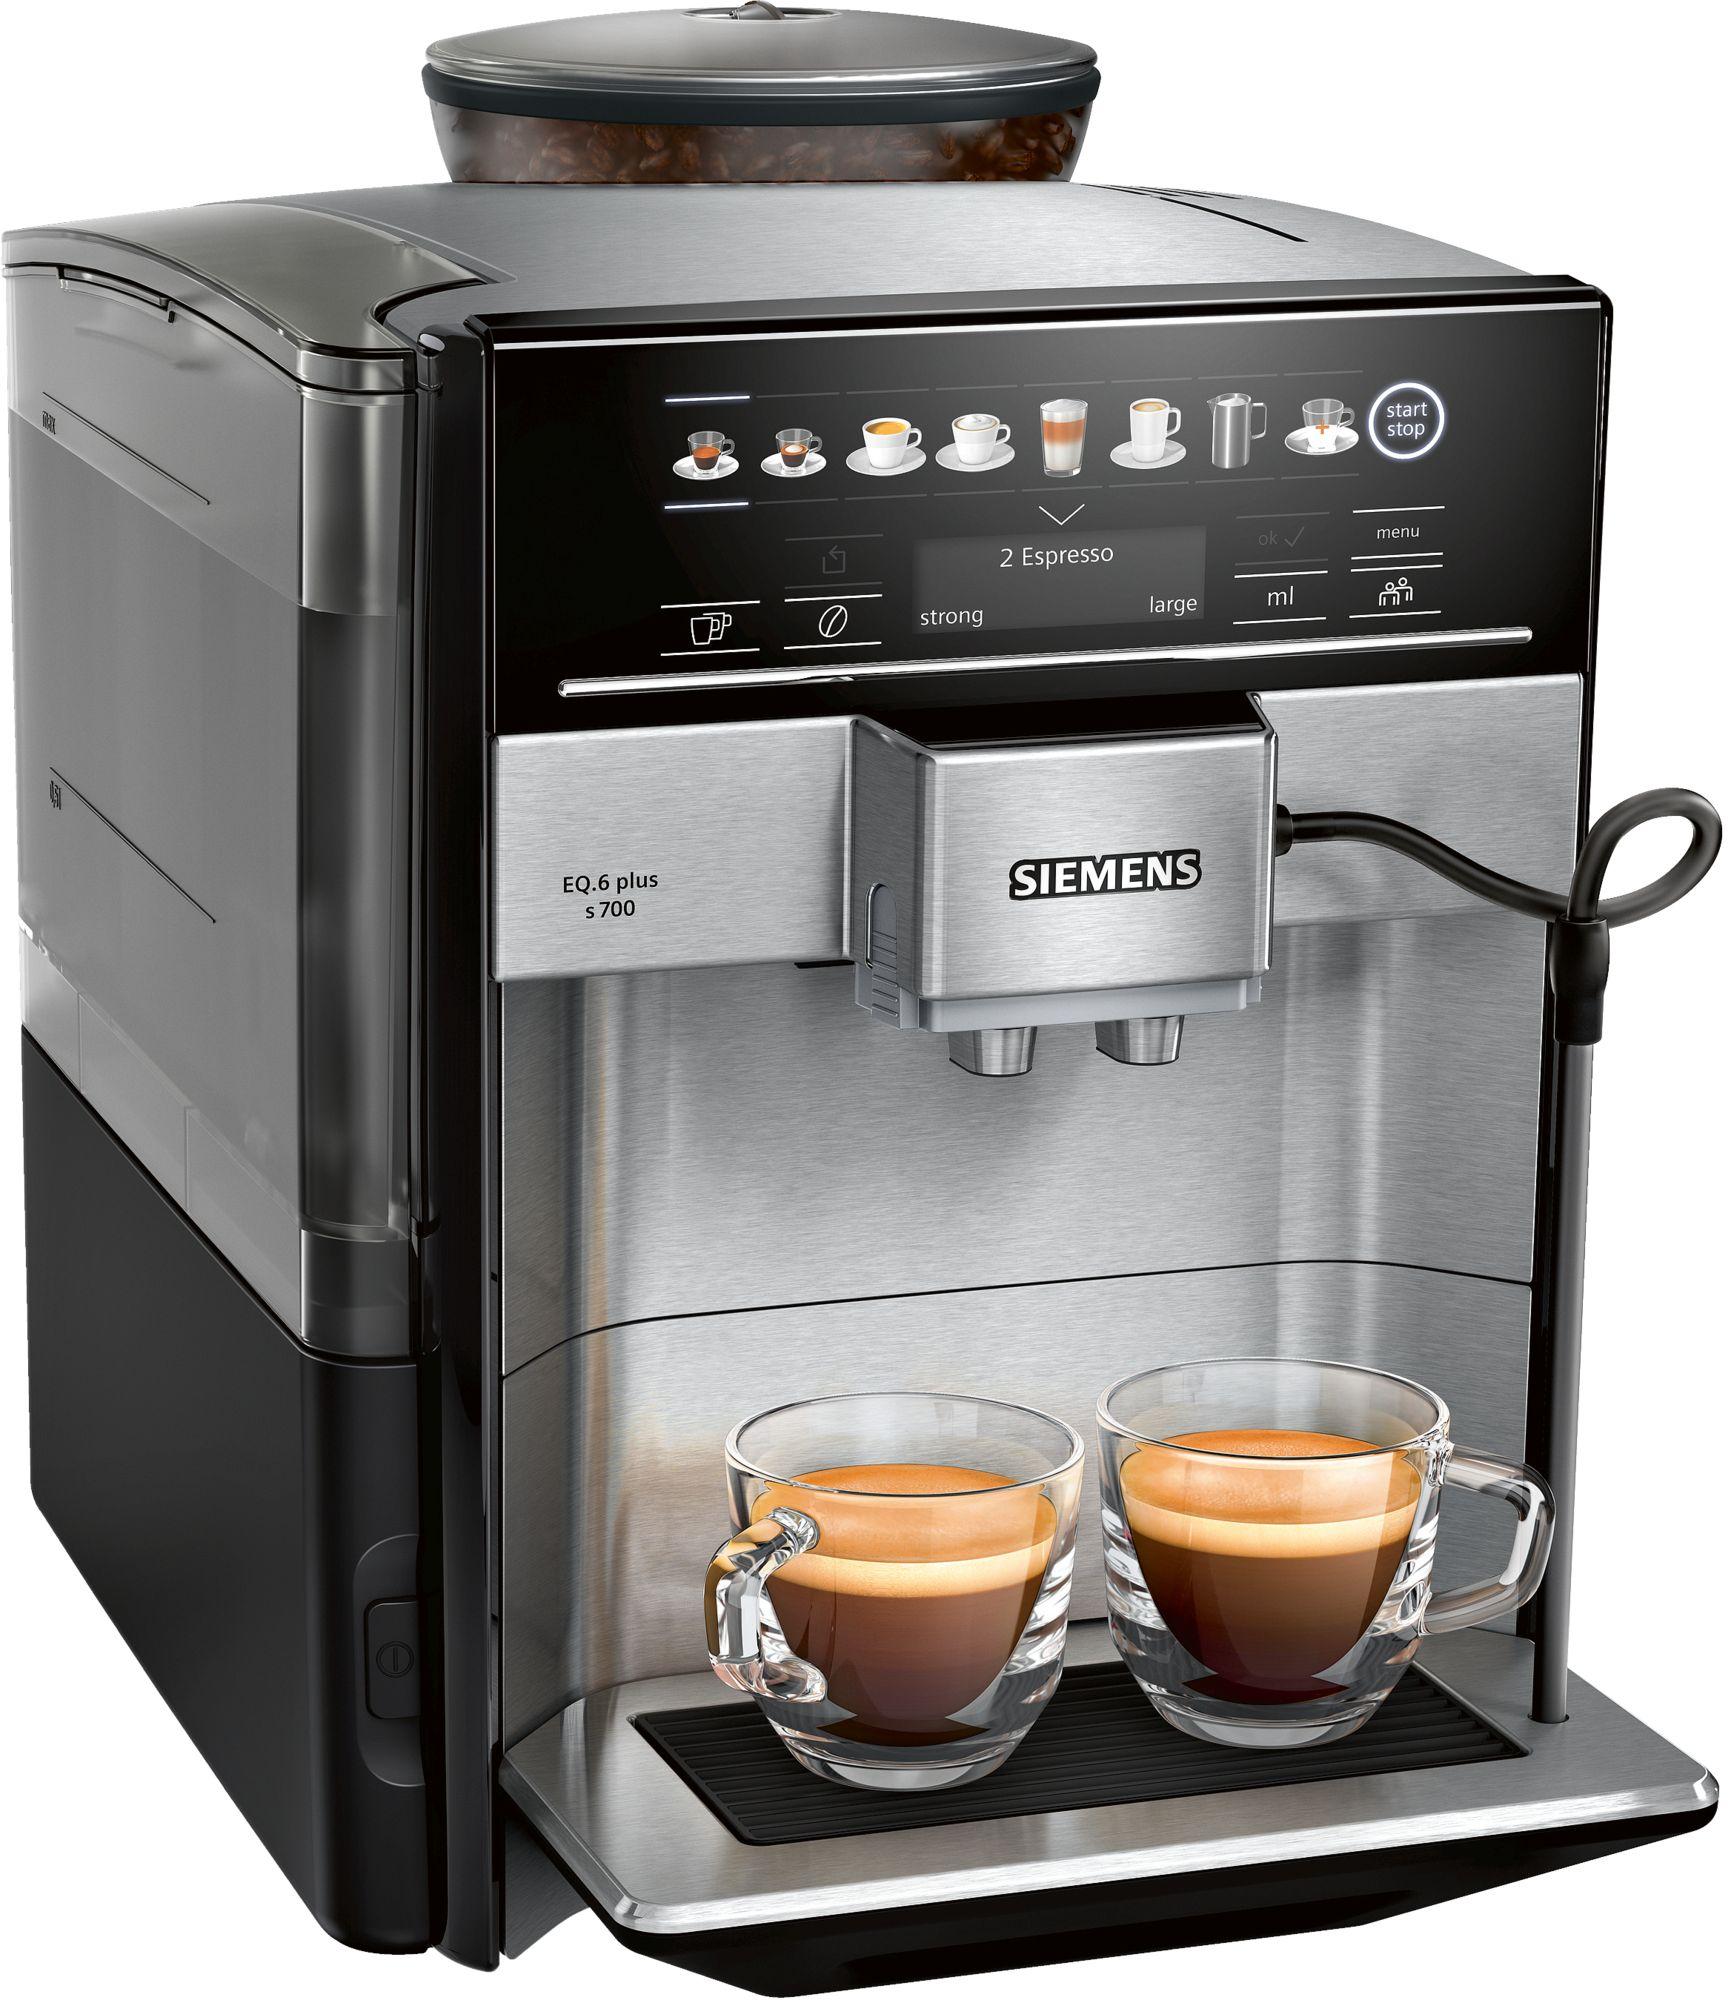 מכונת קפה מקצועית EQ.6 plus series 700 Siemens סימנס TE657313RW